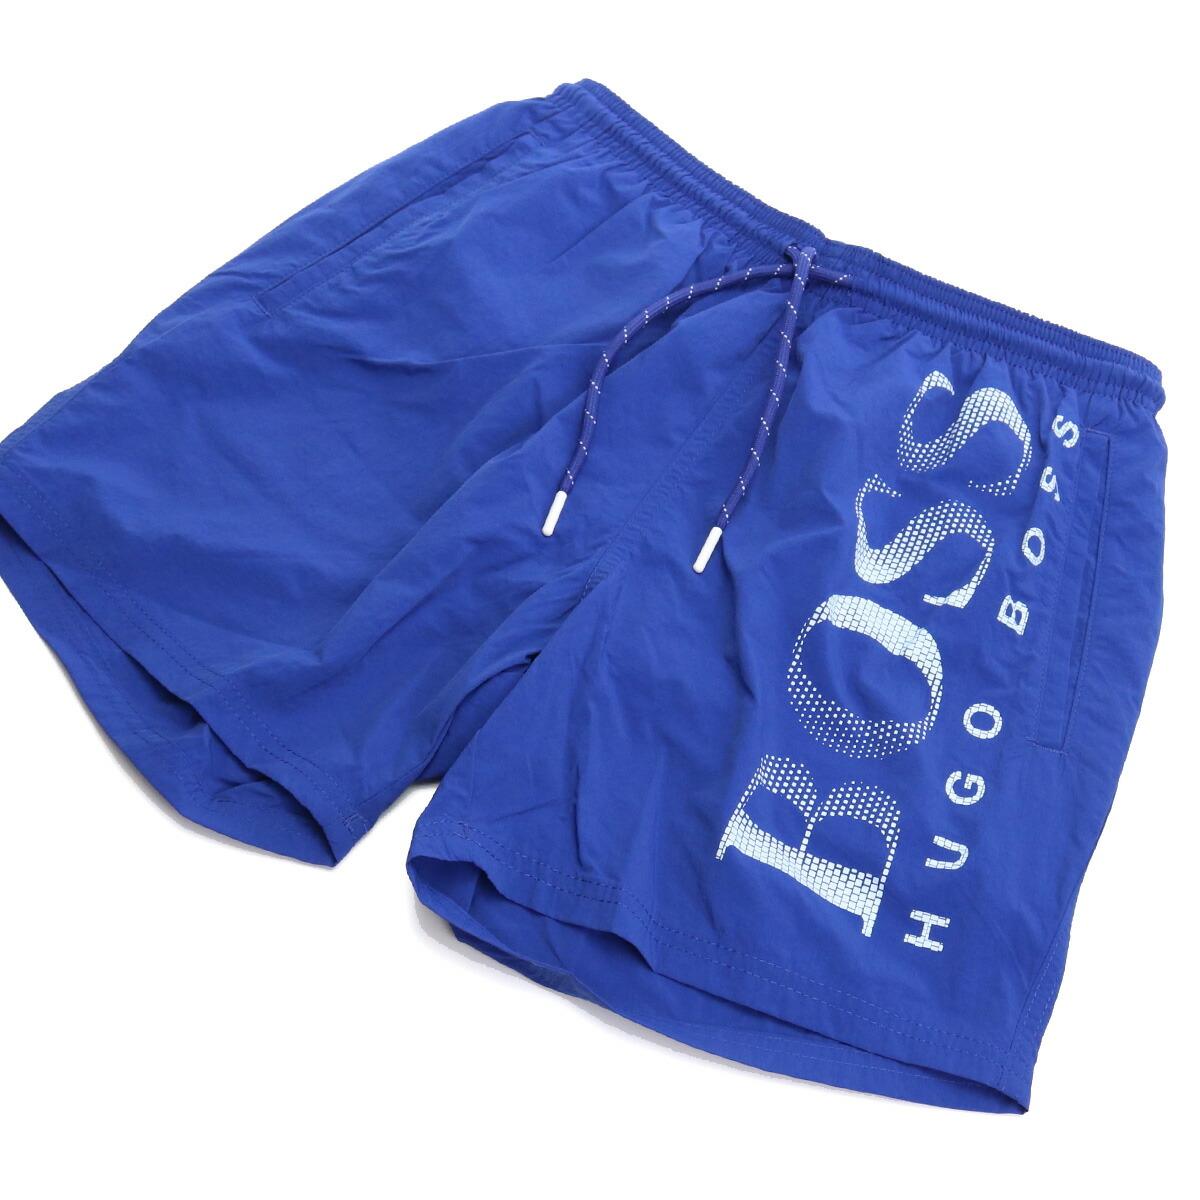 ヒューゴ・ボス HUGO BOSS  メンズ-スイムウエア 50371268 10197683 428 ブルー系 swim-01 sale-8